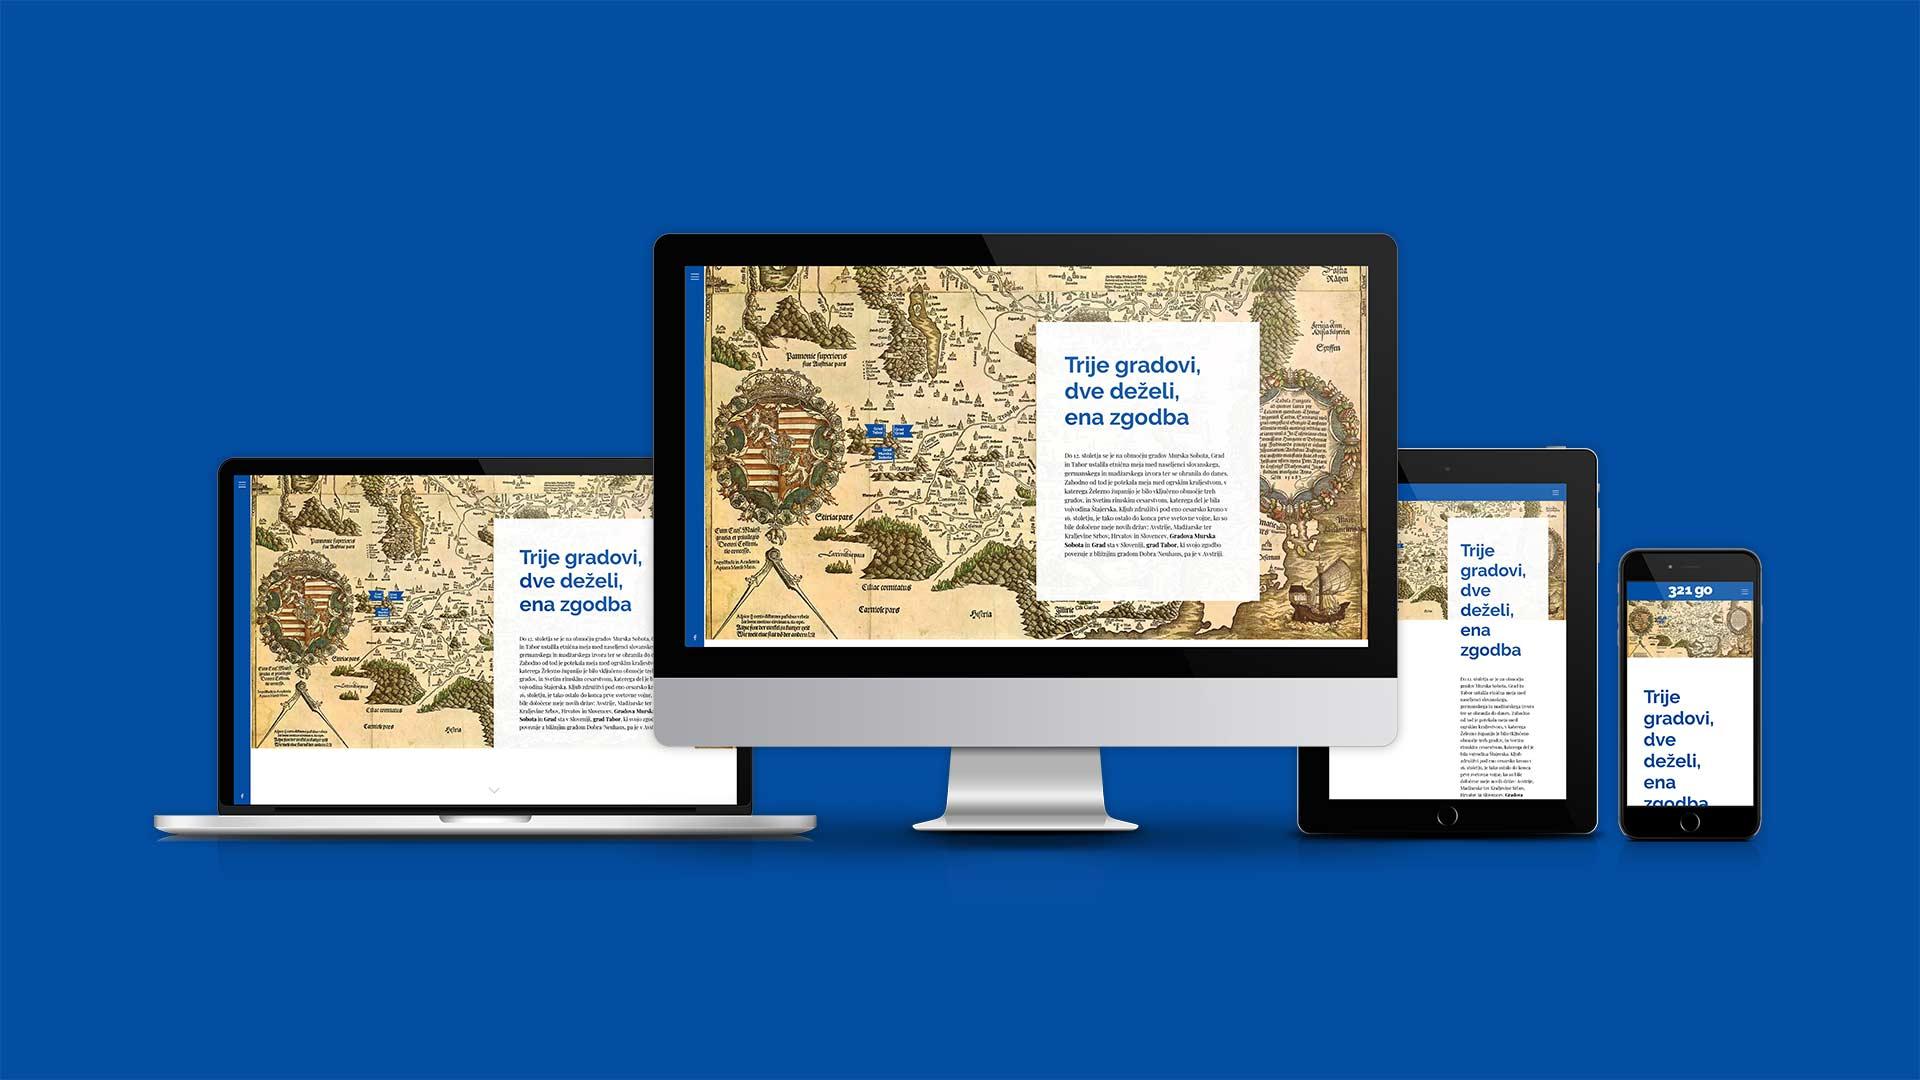 kreativne ideje reference 321go izdelava spletne strani